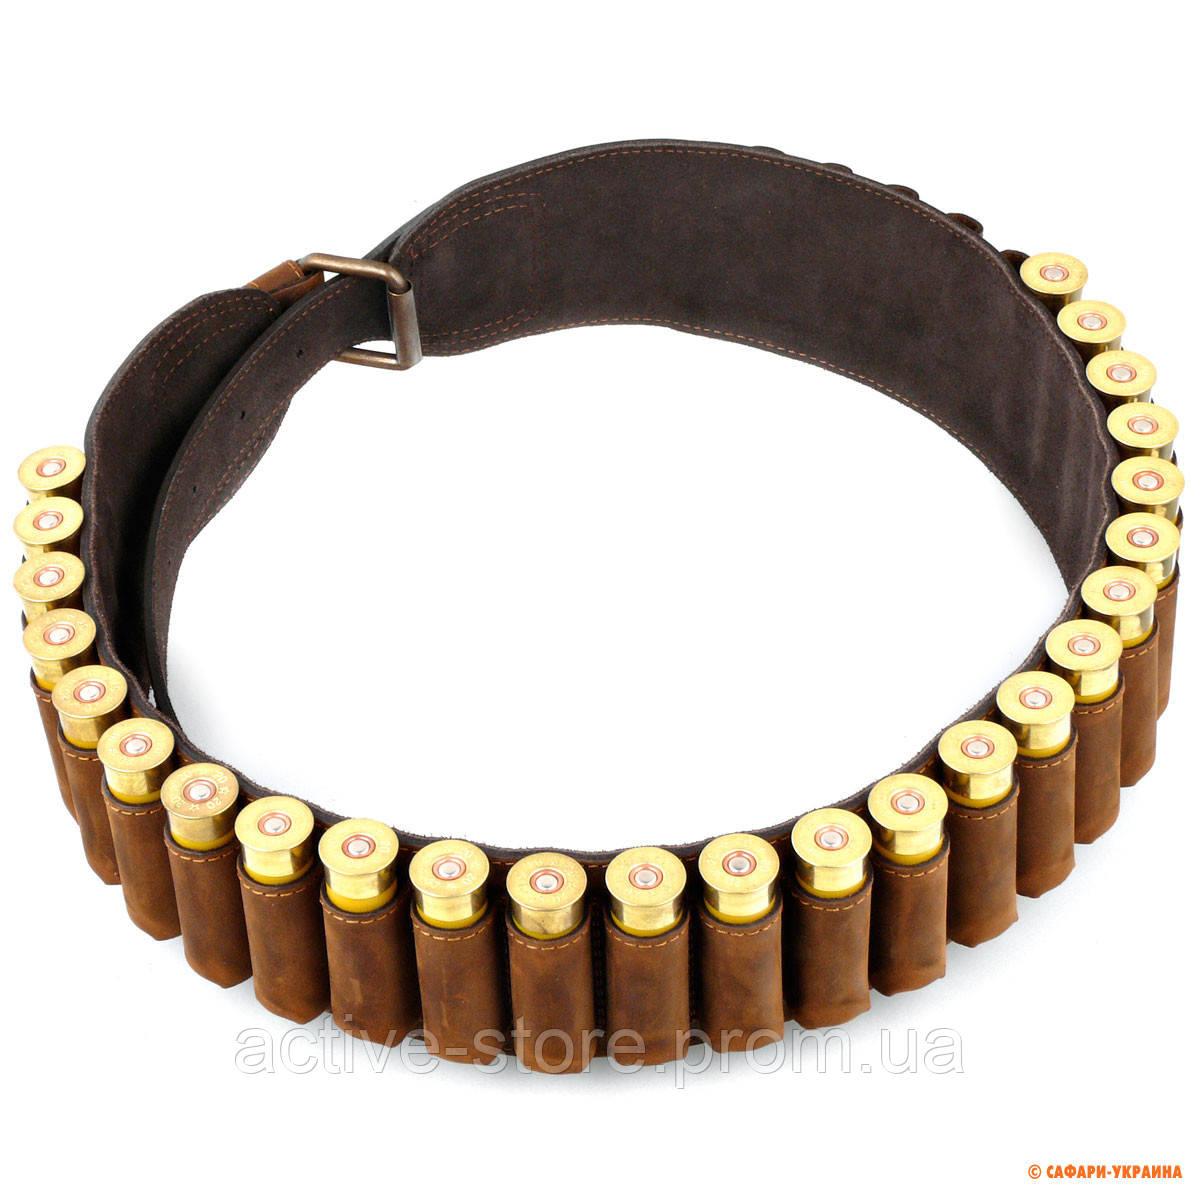 Патронташ для ружья 20 калибра Artipel, кожаный, на 30 патронов - Active-Store — товары для активных людей в Киеве